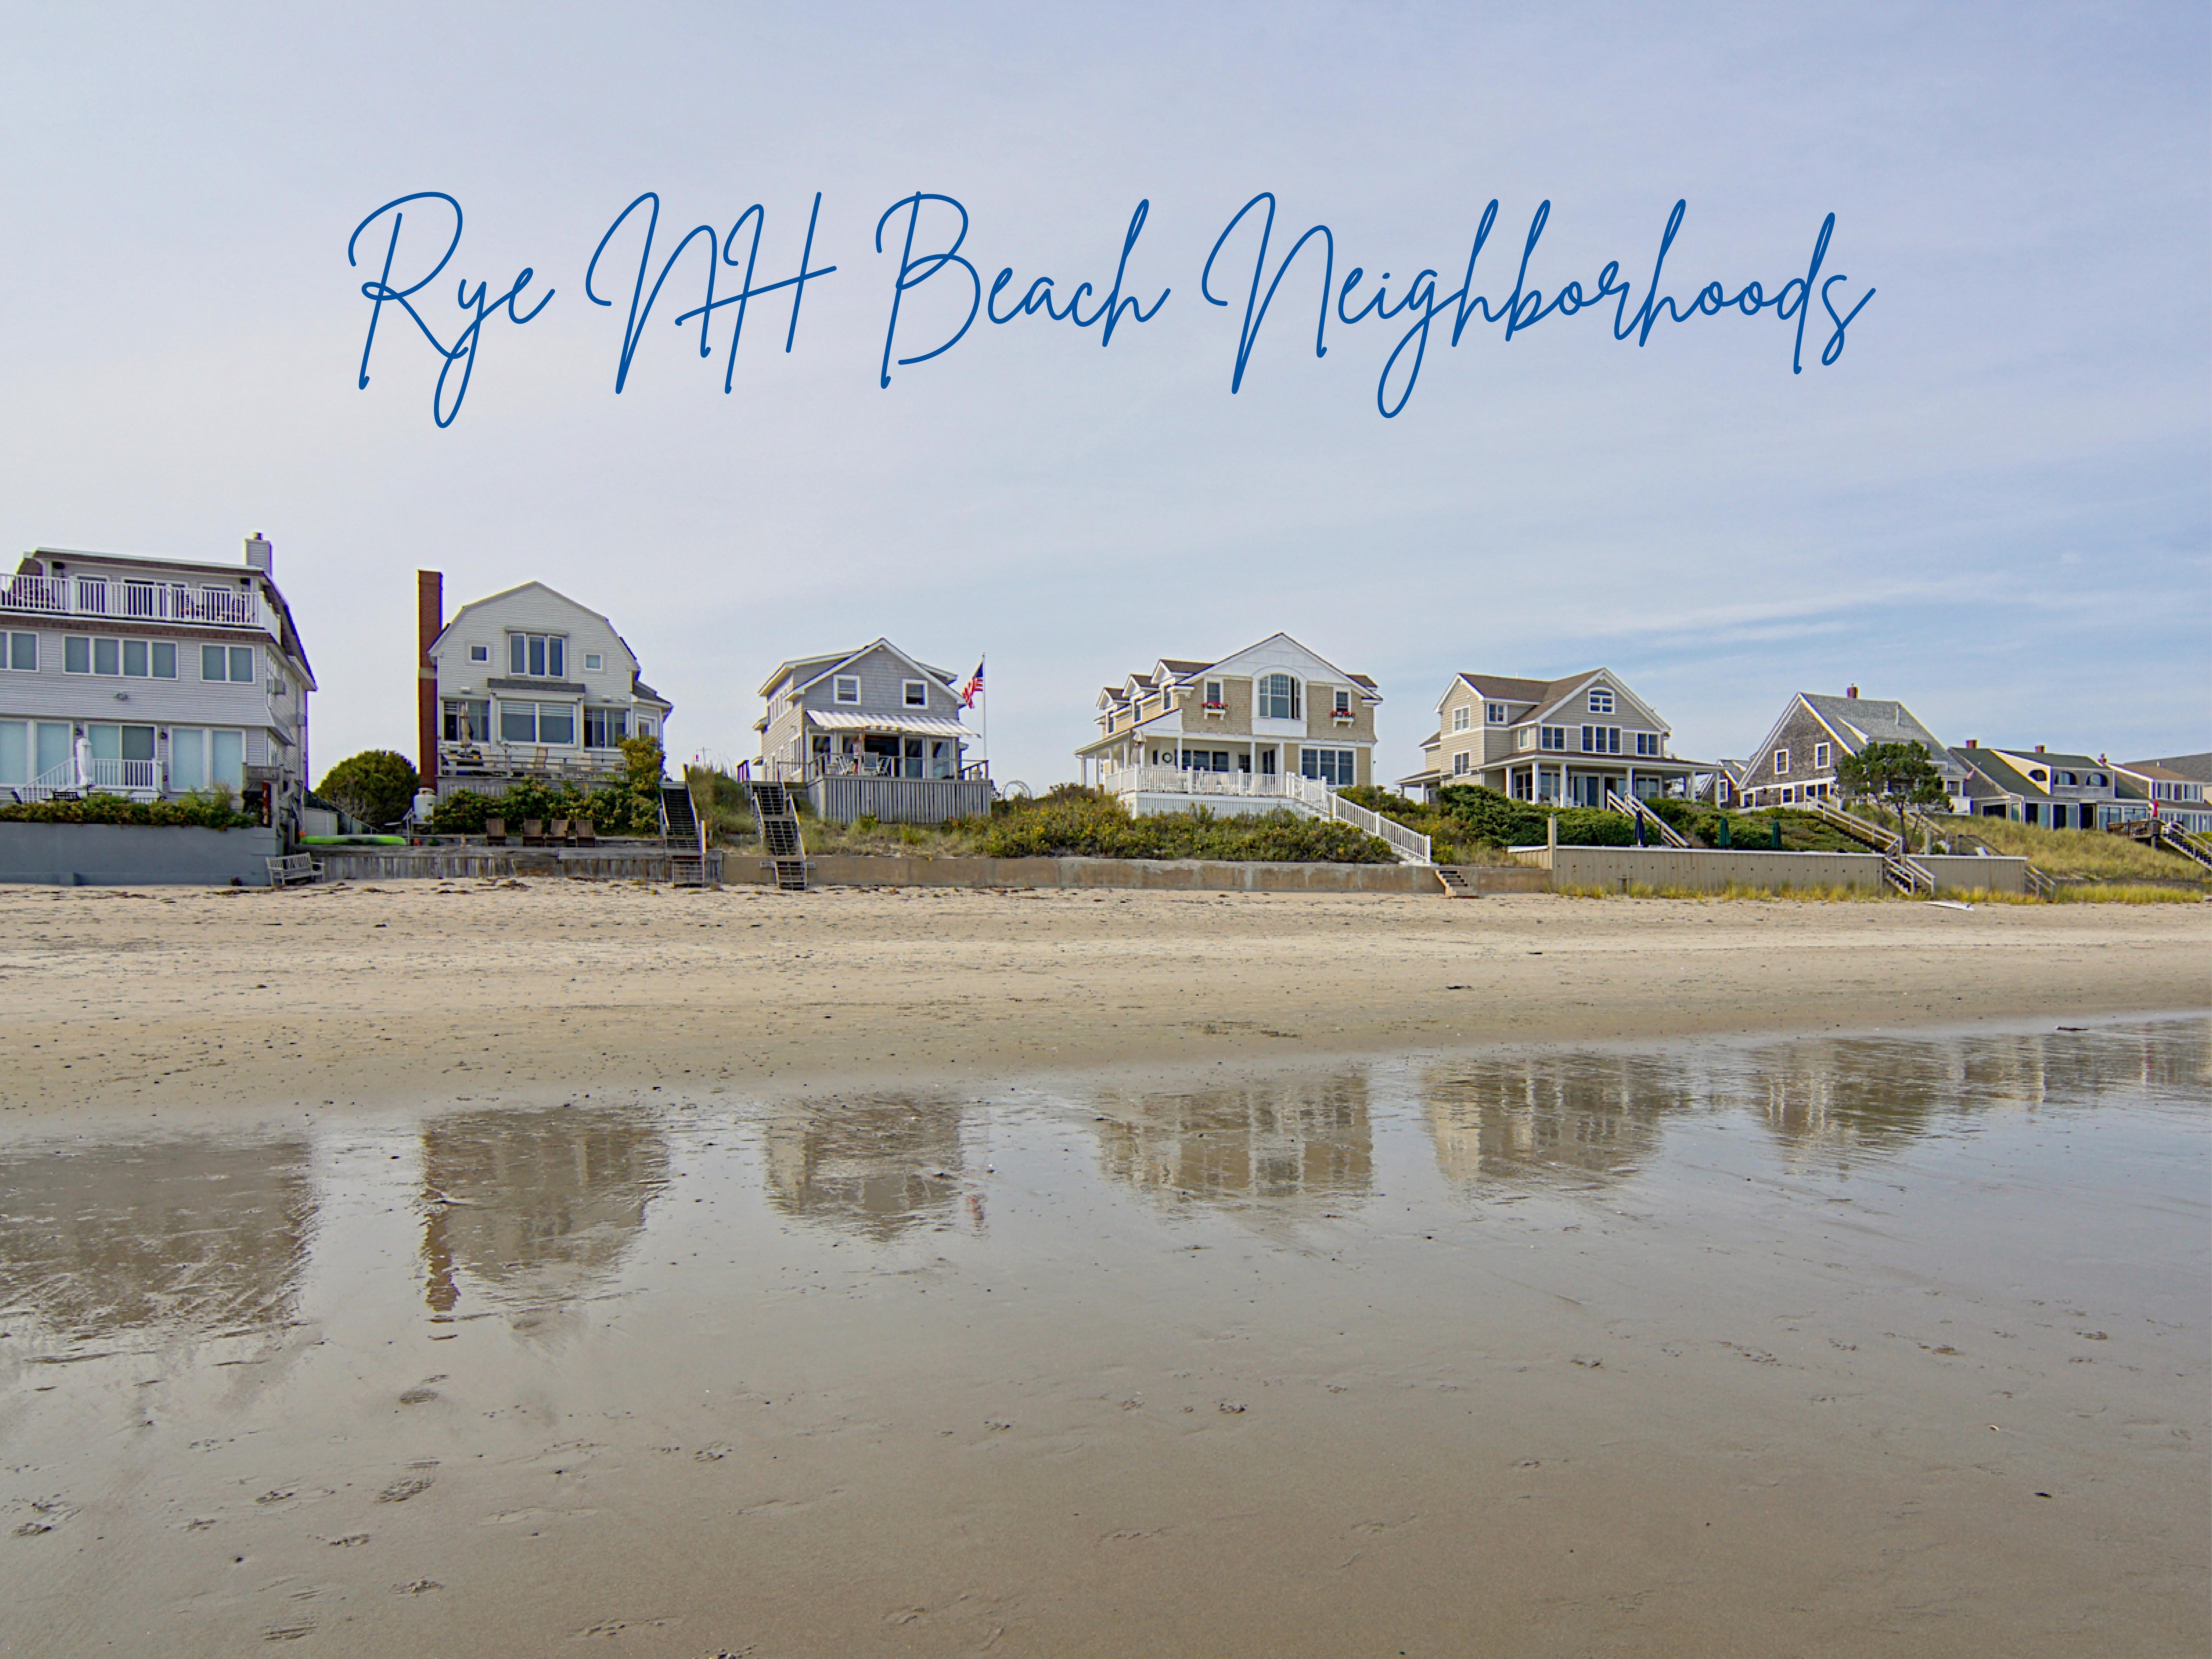 Rye NH Beach Neighborhoods